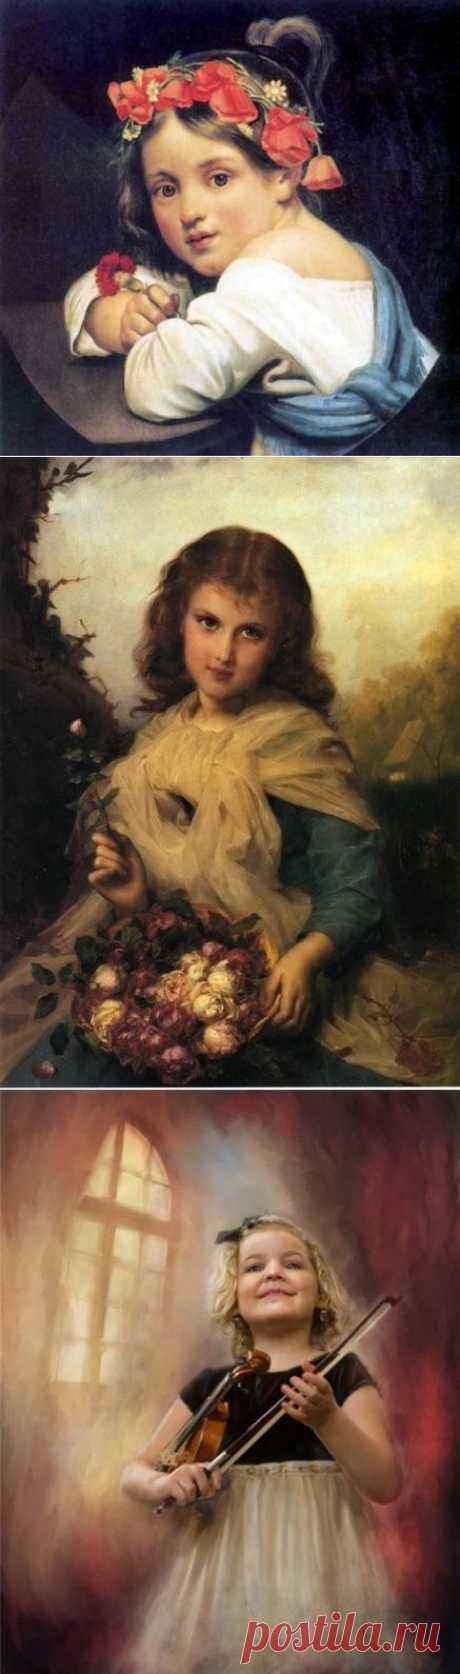 Детский портрет в живописи.